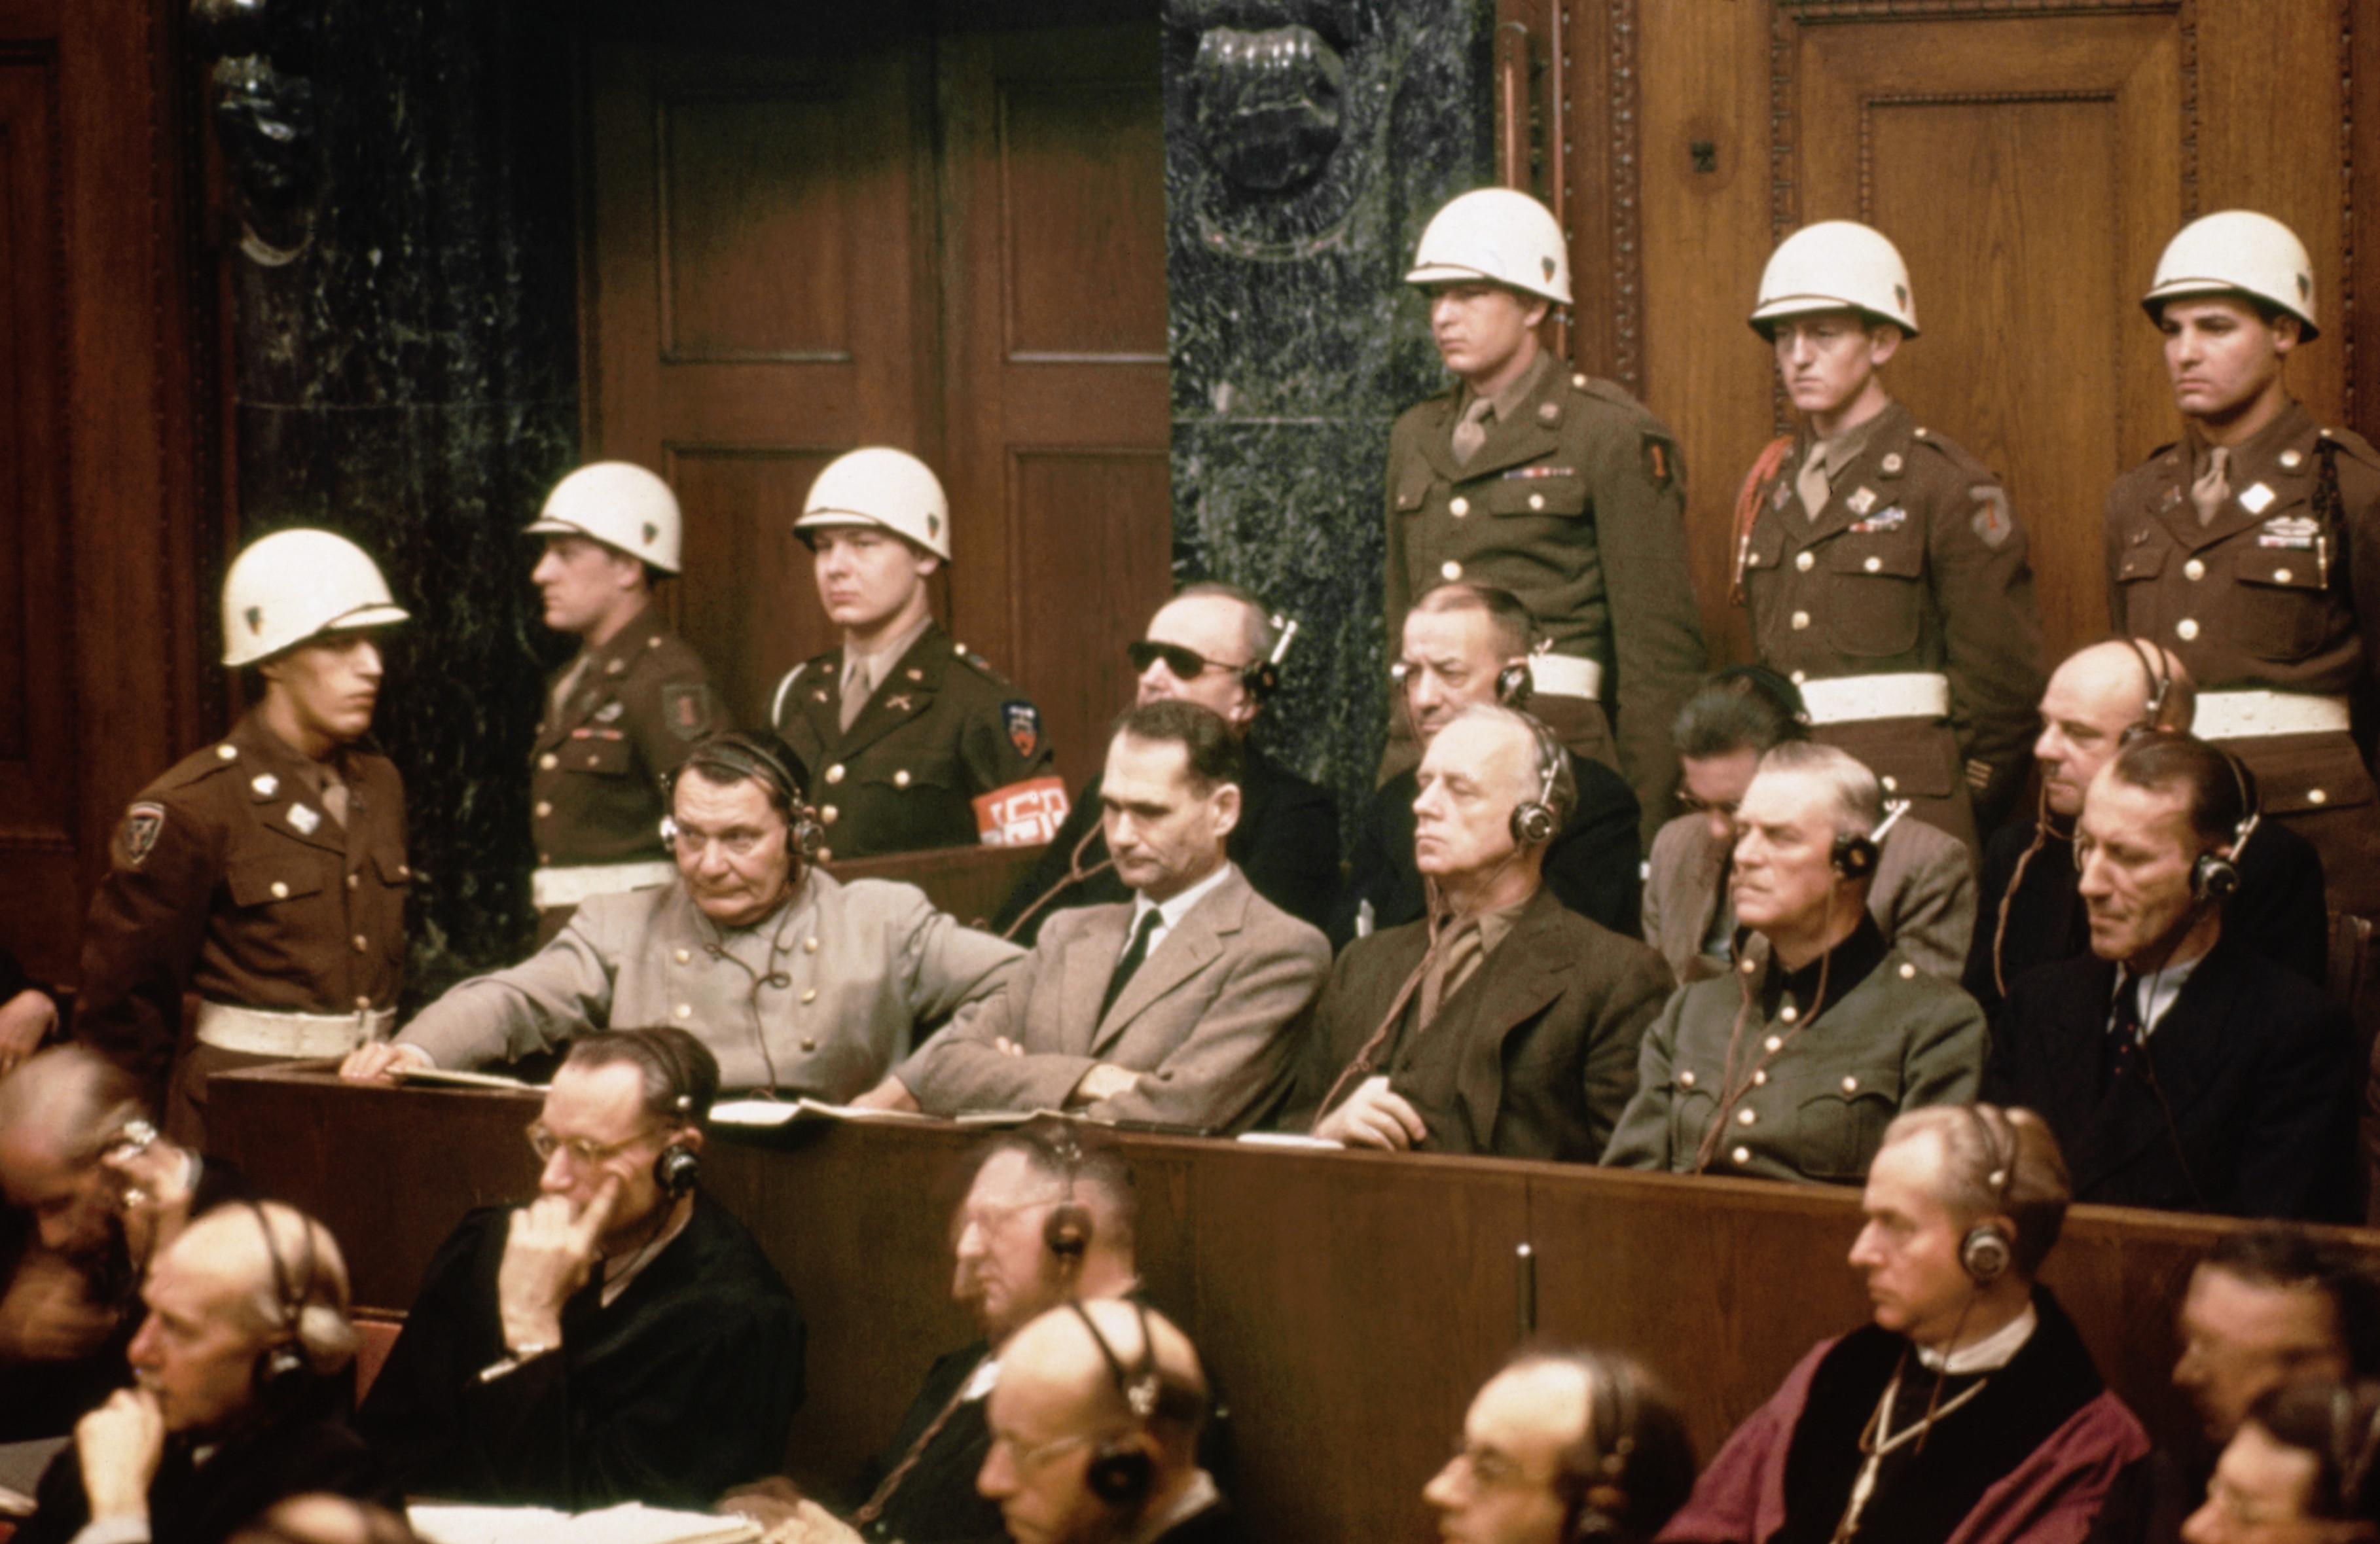 01 Jan 1946, Nuremberg, Germany --- The defendants at the Nuremberg Nazi trials.  Pictured in the front row are: Hermann Goering, Rudolf Hess,  Joachim Von Ribbentrop, Wilhelm Keitel and Ernst Kaltenbrunner.  In the back row are: Karl Doenitz, Erich Raeder, Baldur von Schirach, and Fritz Sauckel. --- Image by © Bettmann/CORBIS